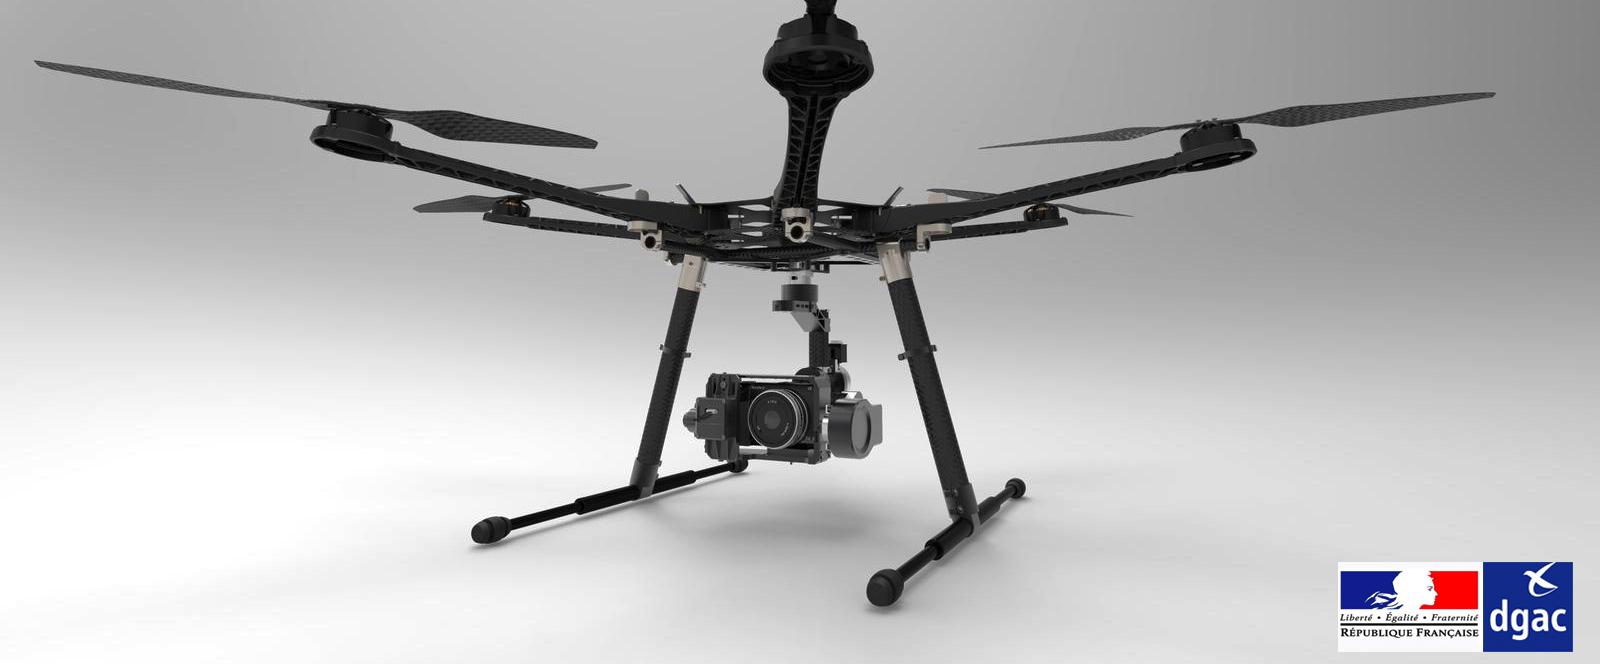 Drone photographie aérienne, photographie aérienne Montpellier, photographie aérienne, video aérienne Montpellier, video aérienne, vue aérienne, prise de vue aérienne.